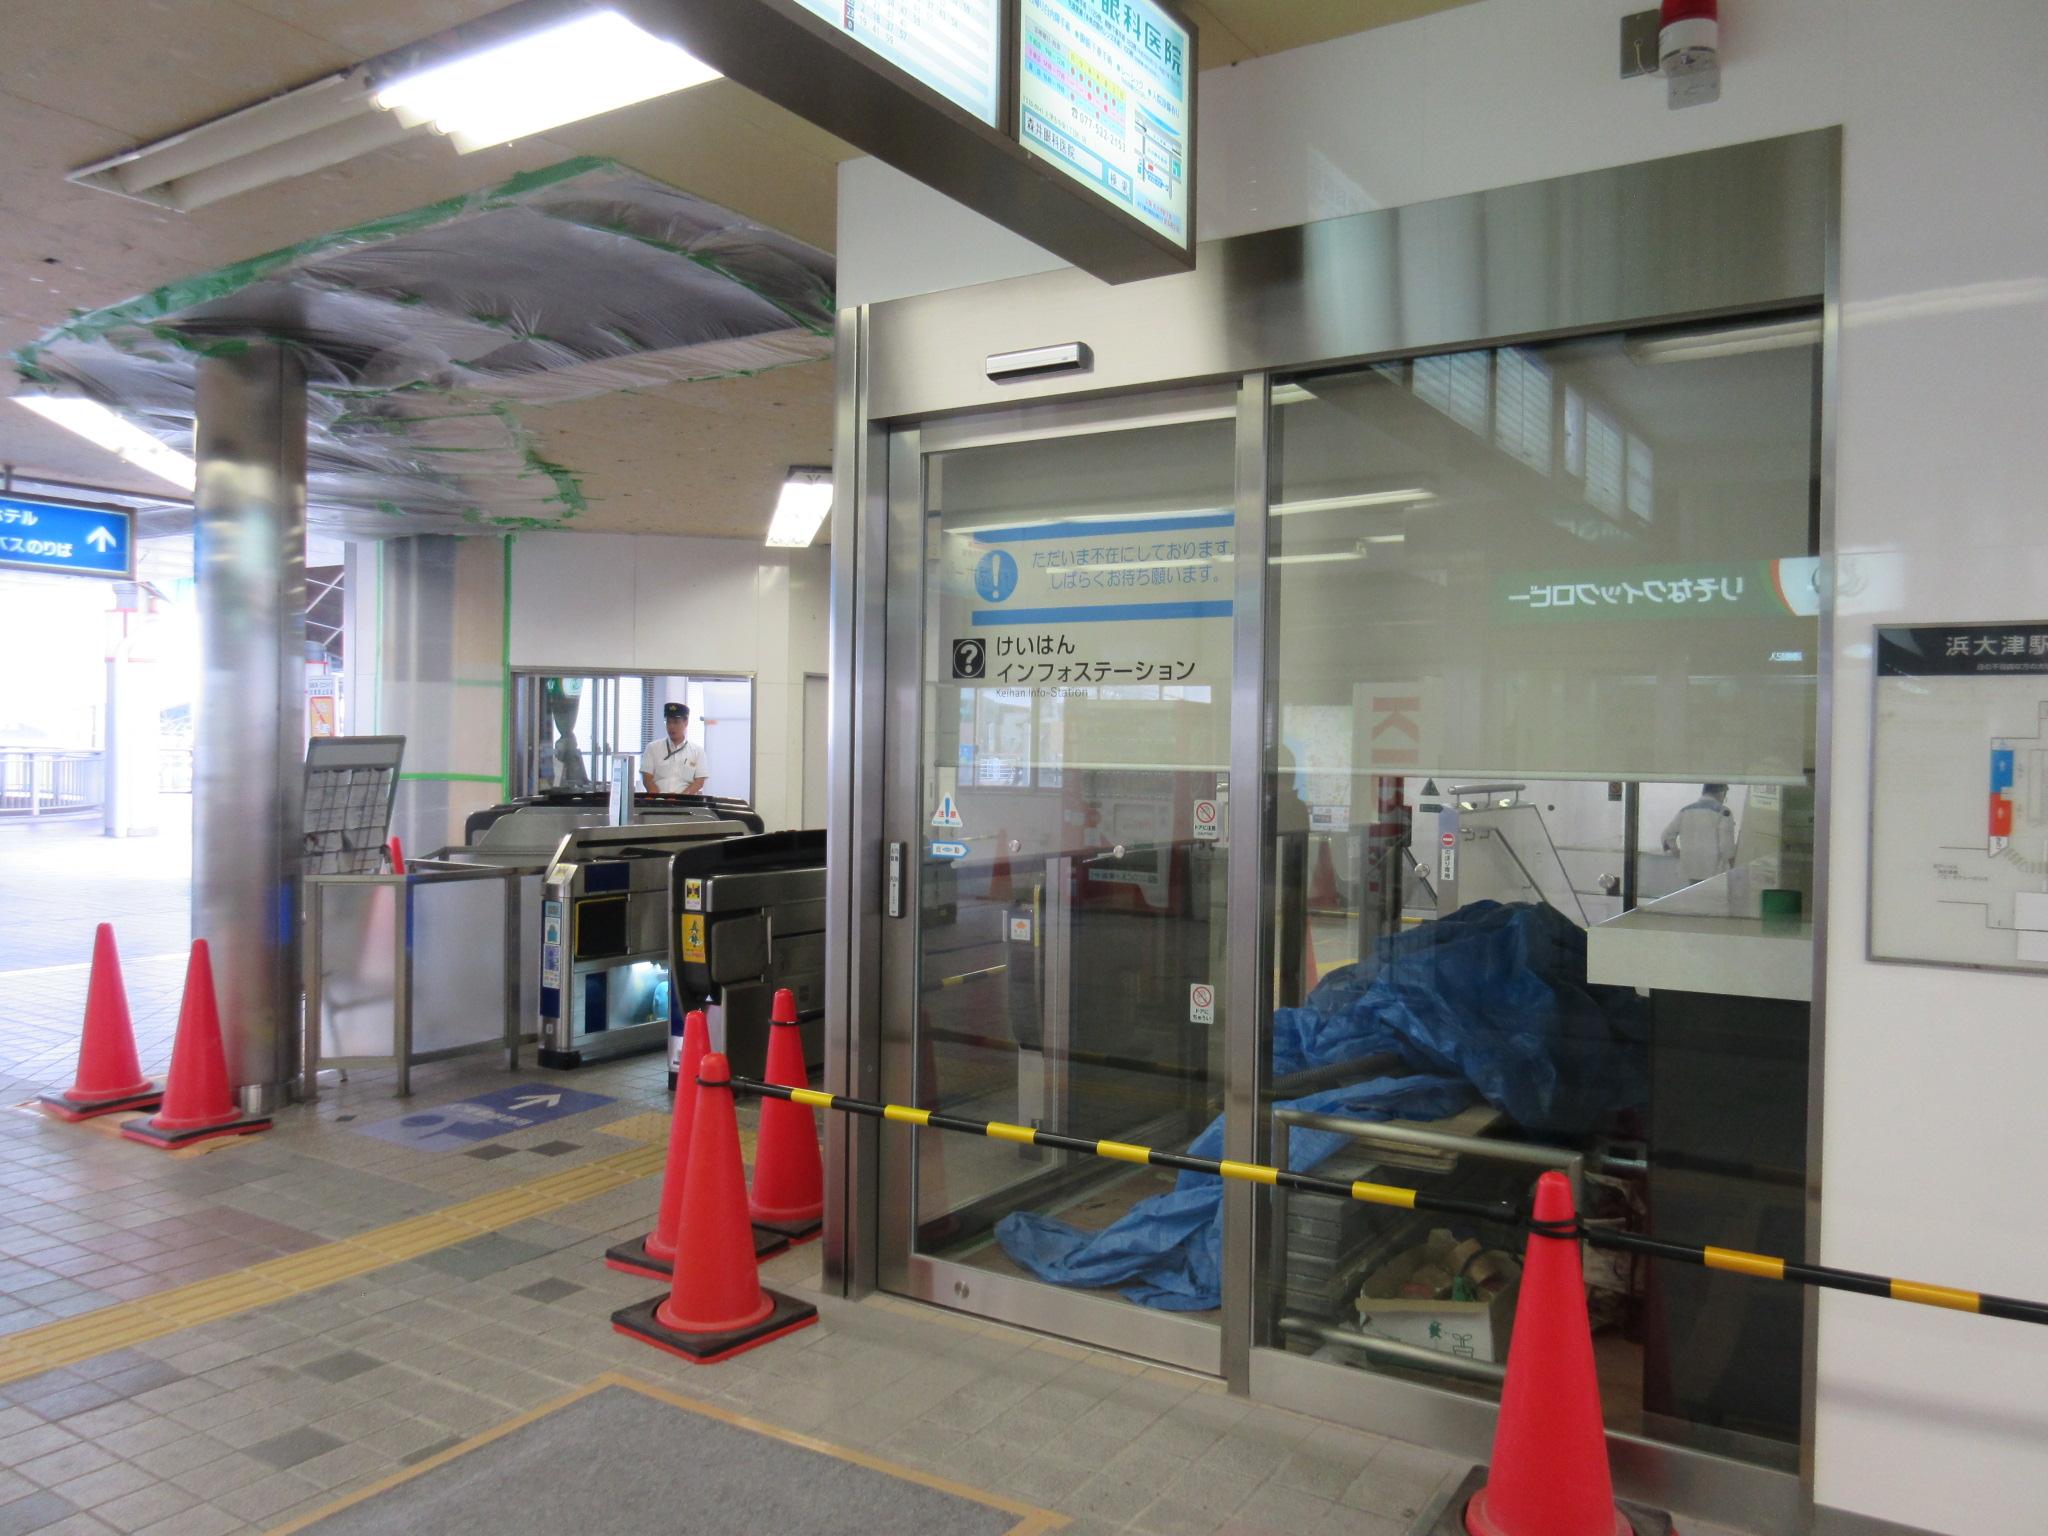 浜大津駅の改札